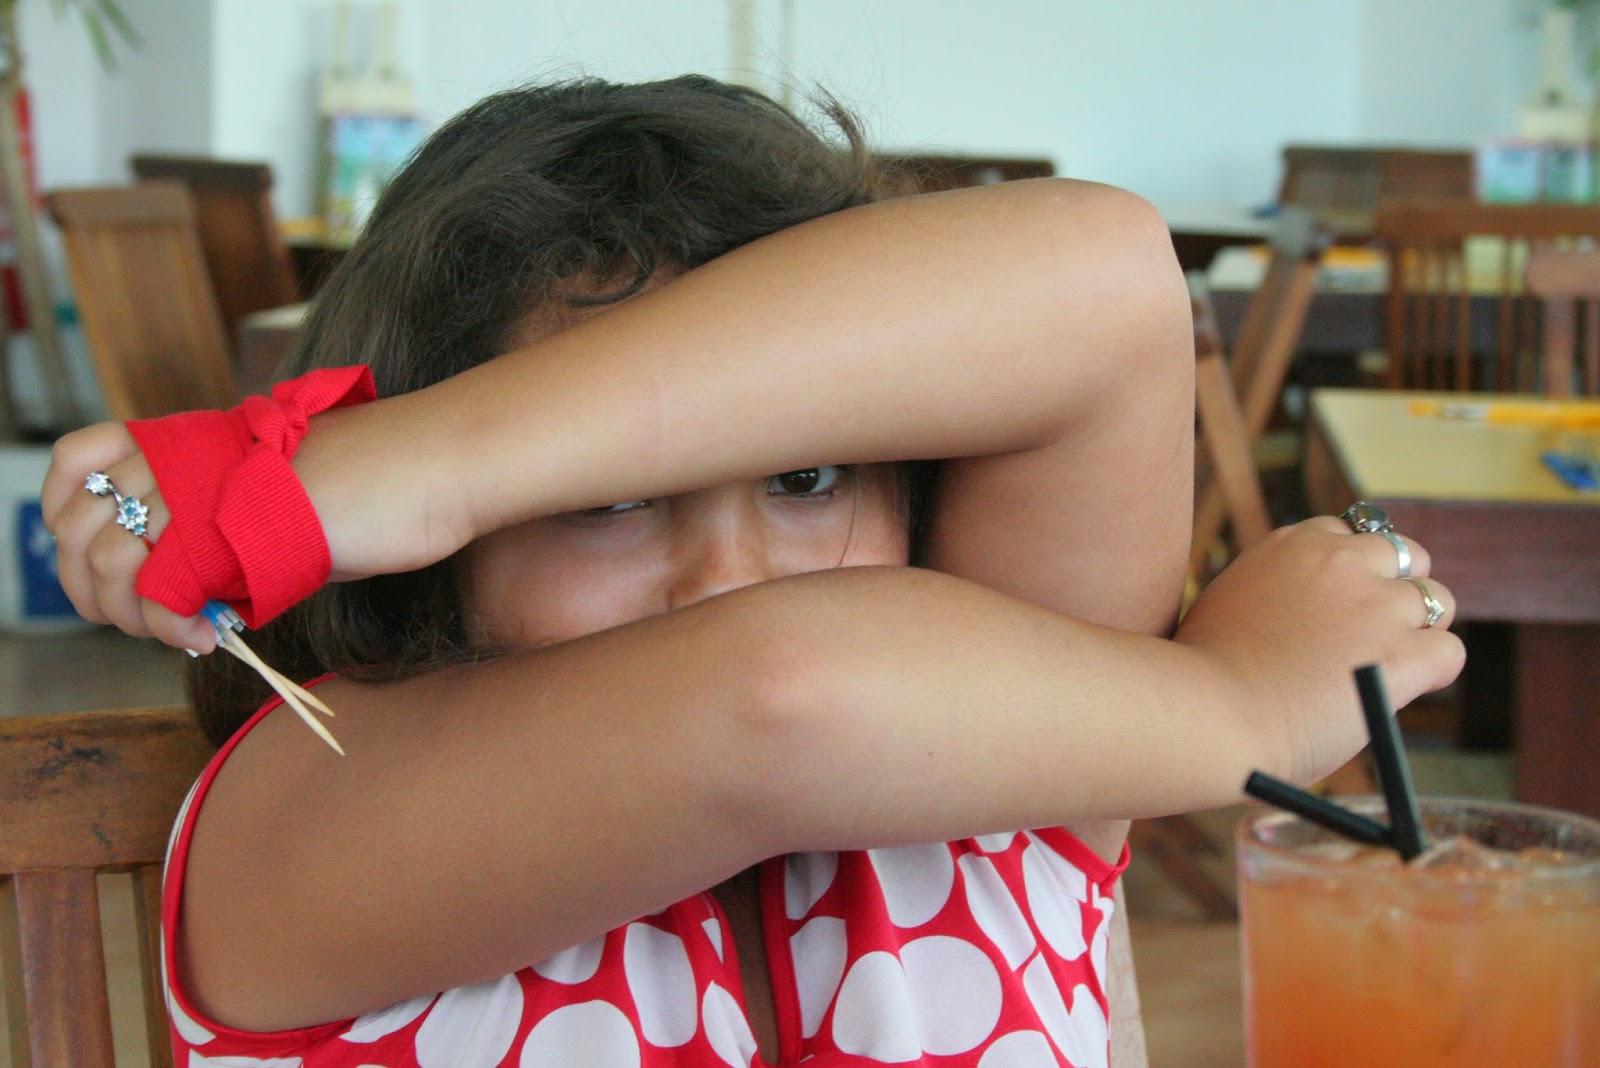 Los gritos, golpes y castigos, generan miedo no educan